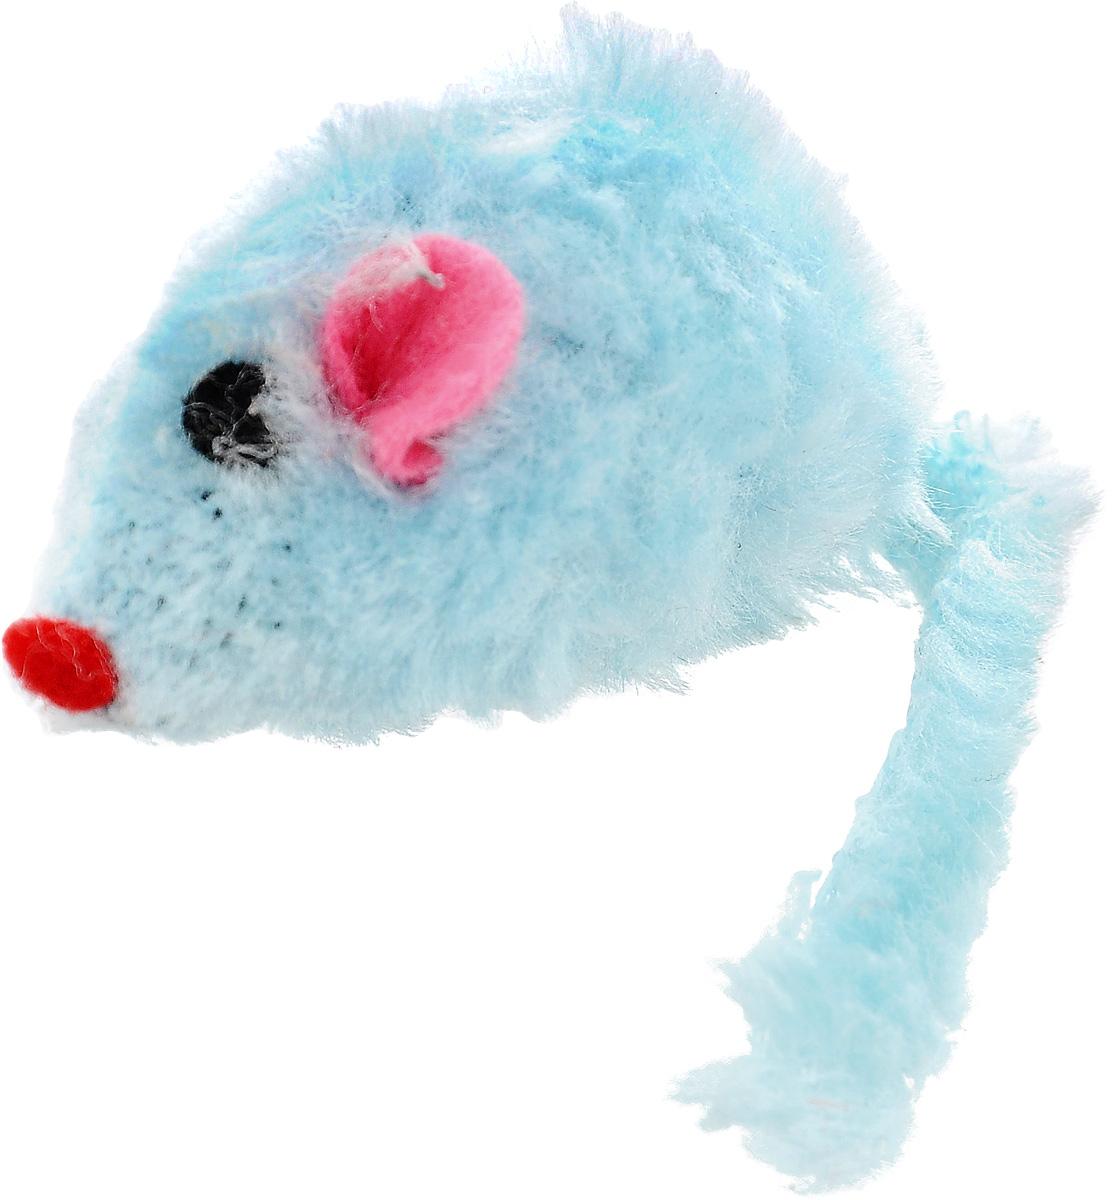 Игрушка для кошек Каскад Мышь, с коротким мехом, цвет: голубой, длина 12,5 см игрушка для кошек каскад мышь на пружине цвет серый длина 9 см